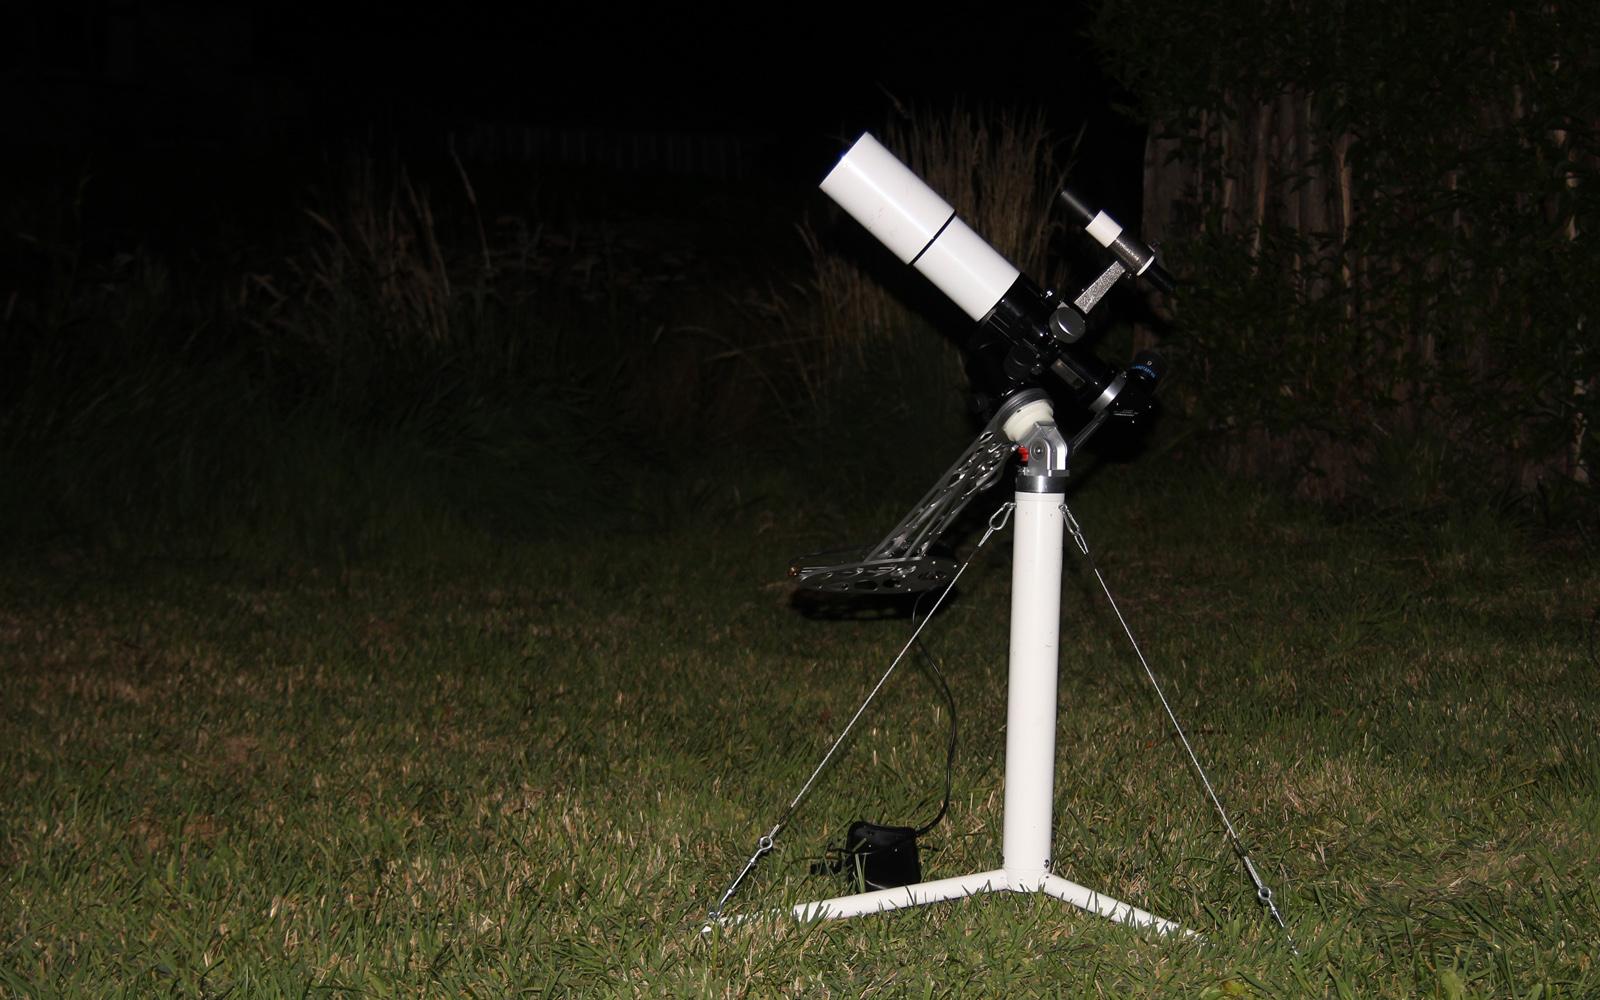 Der 70mm f/6 ED Refraktor, mit dem einige der hier gezeigten Bilder gemacht wurden, auf einer Astrotrac-Reisemontierung und Vela-Reisesäule